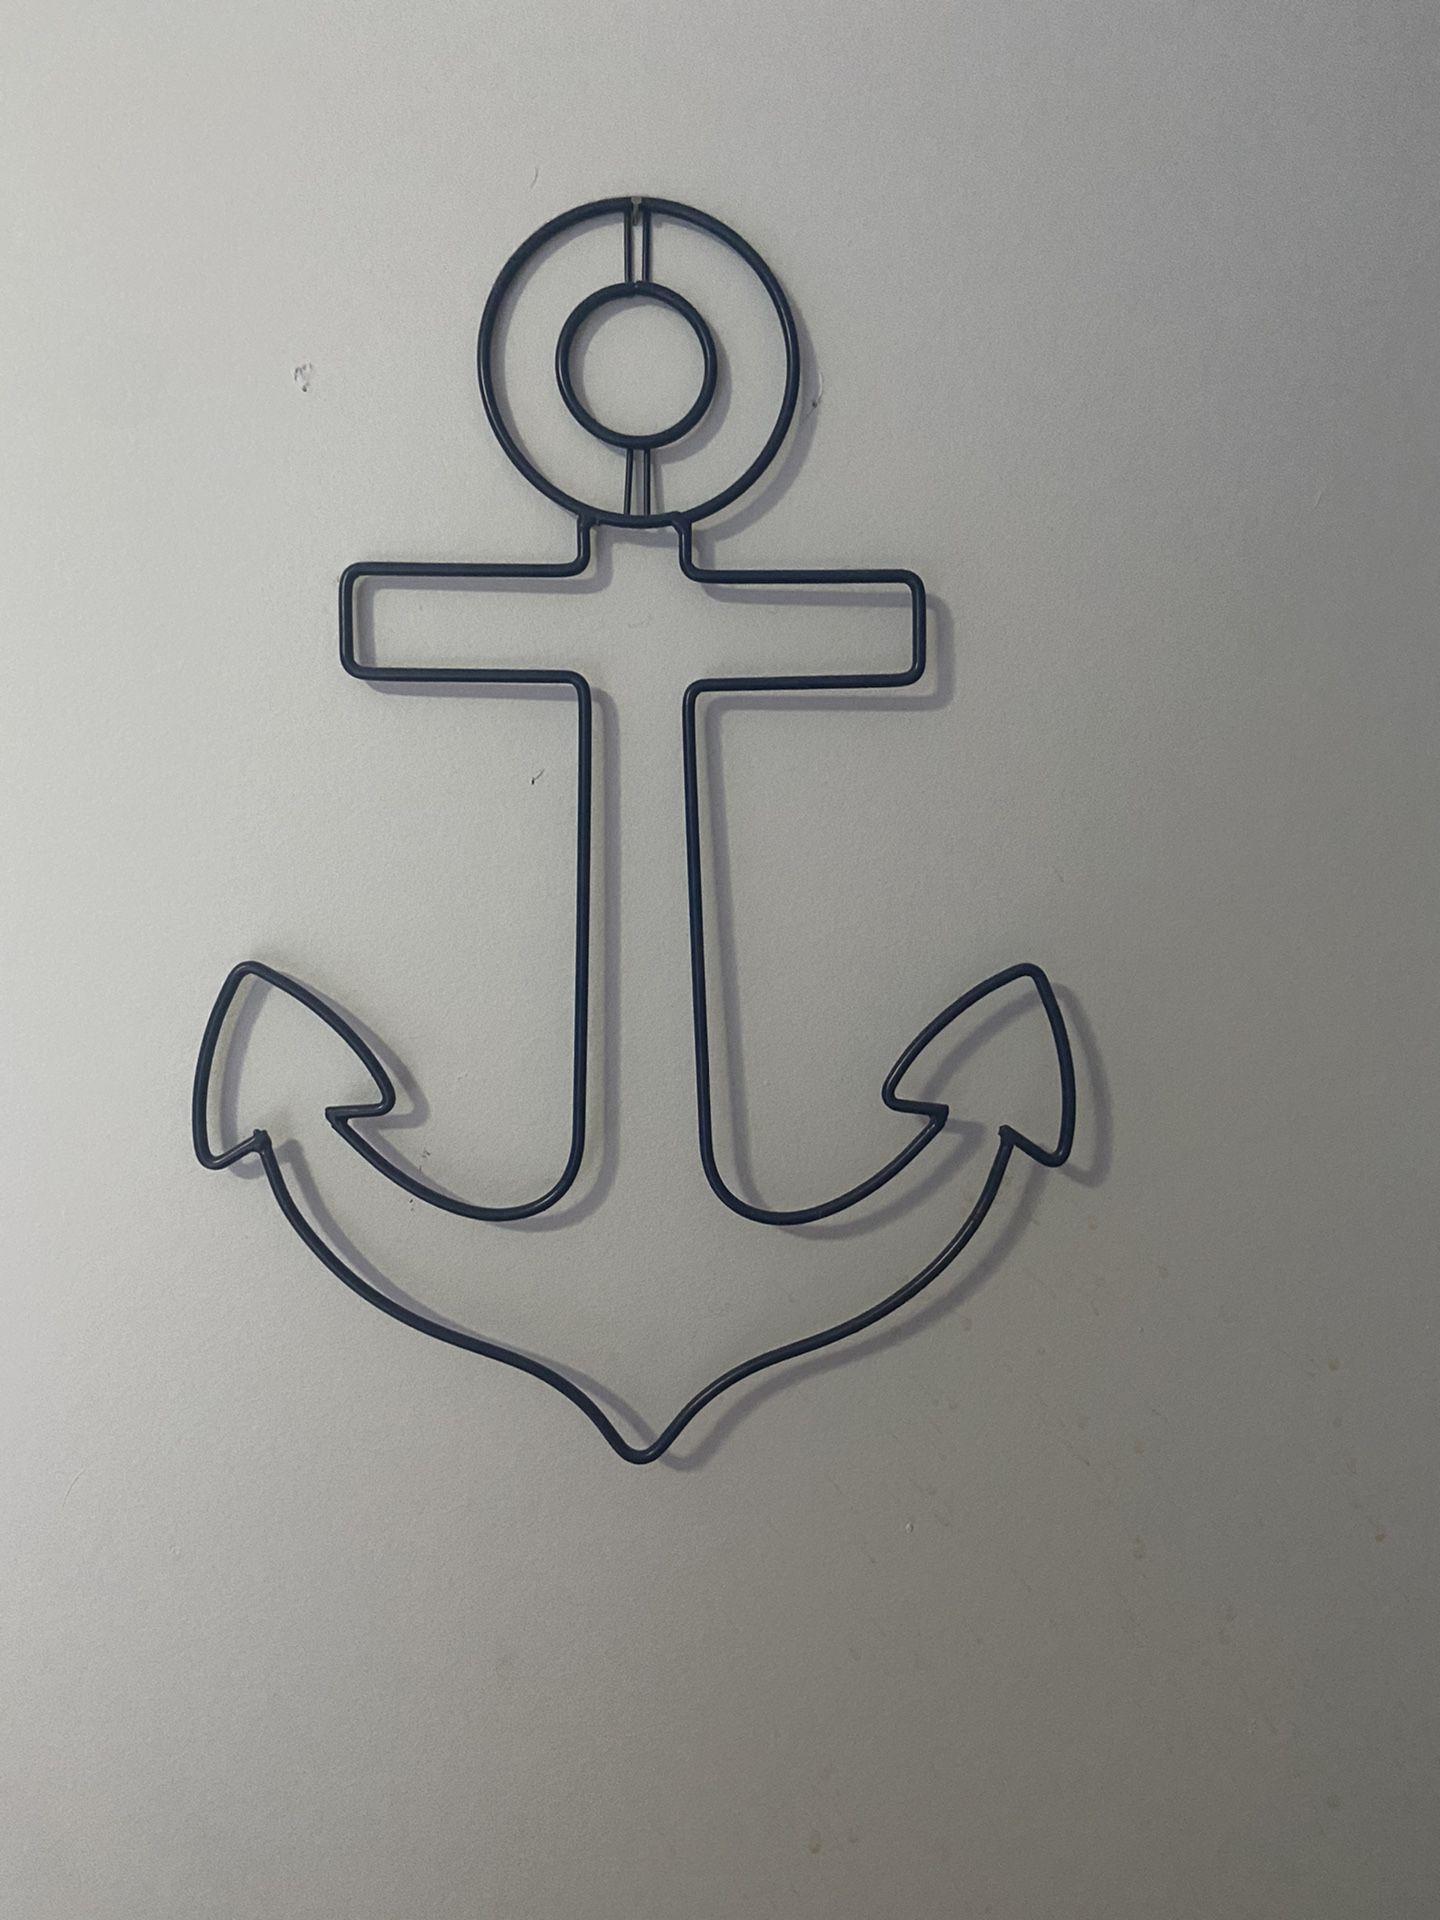 Wall hanging anchor